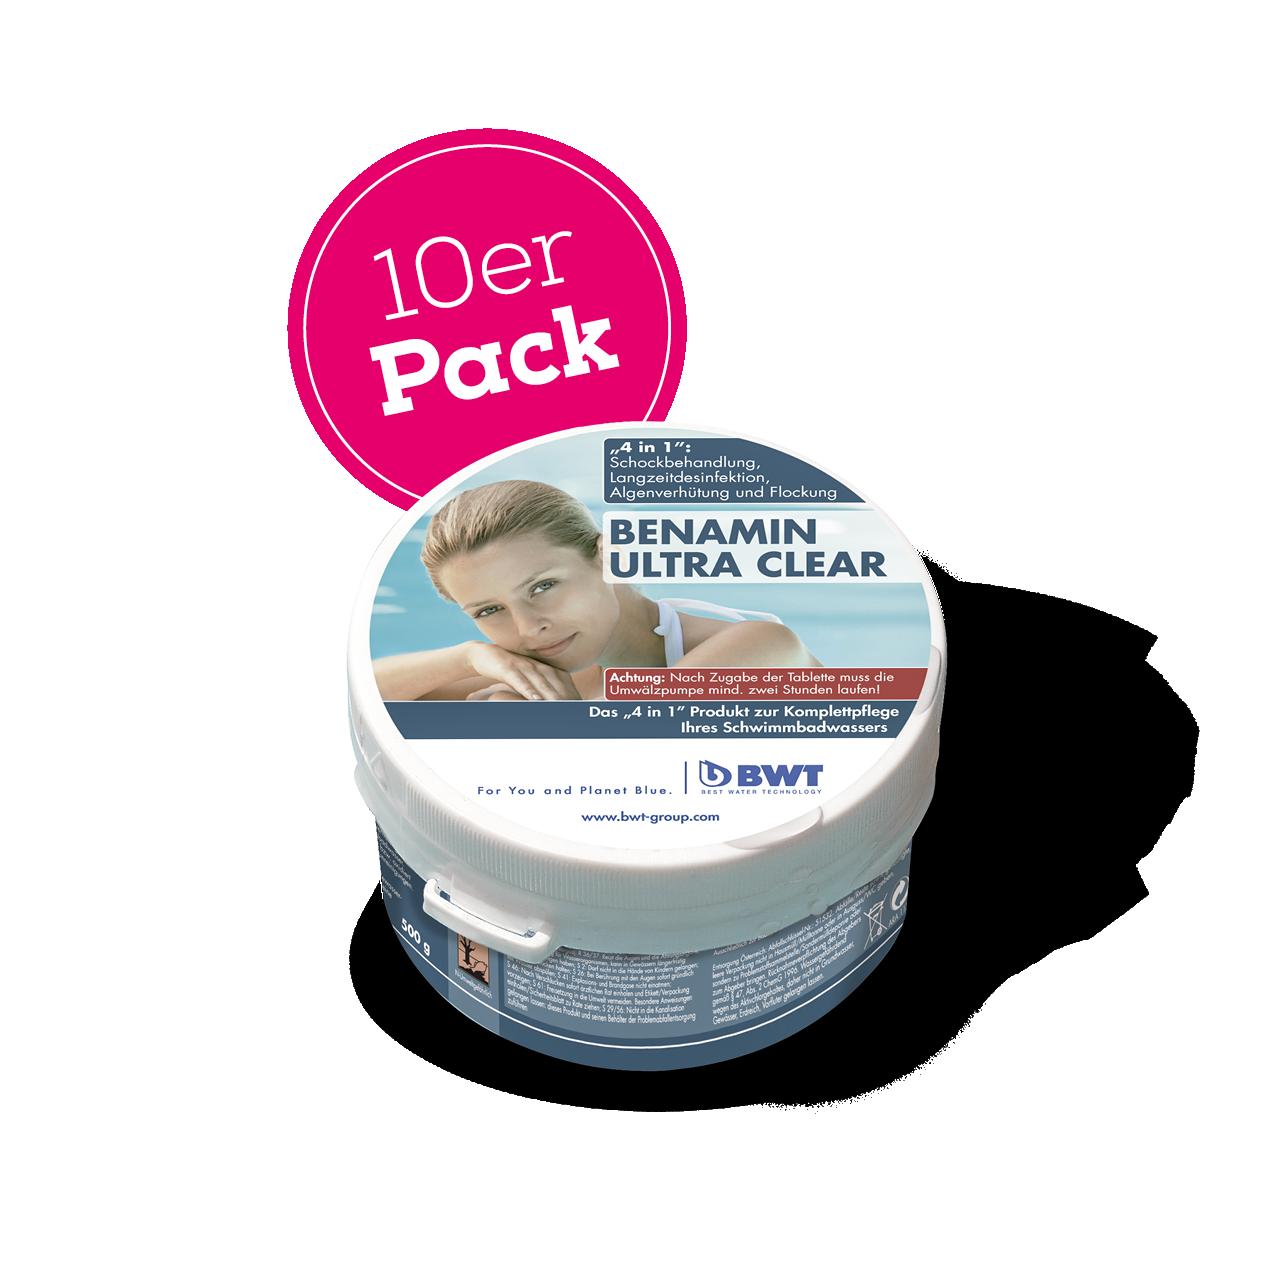 Benamin Ultra Clear 10er Pack